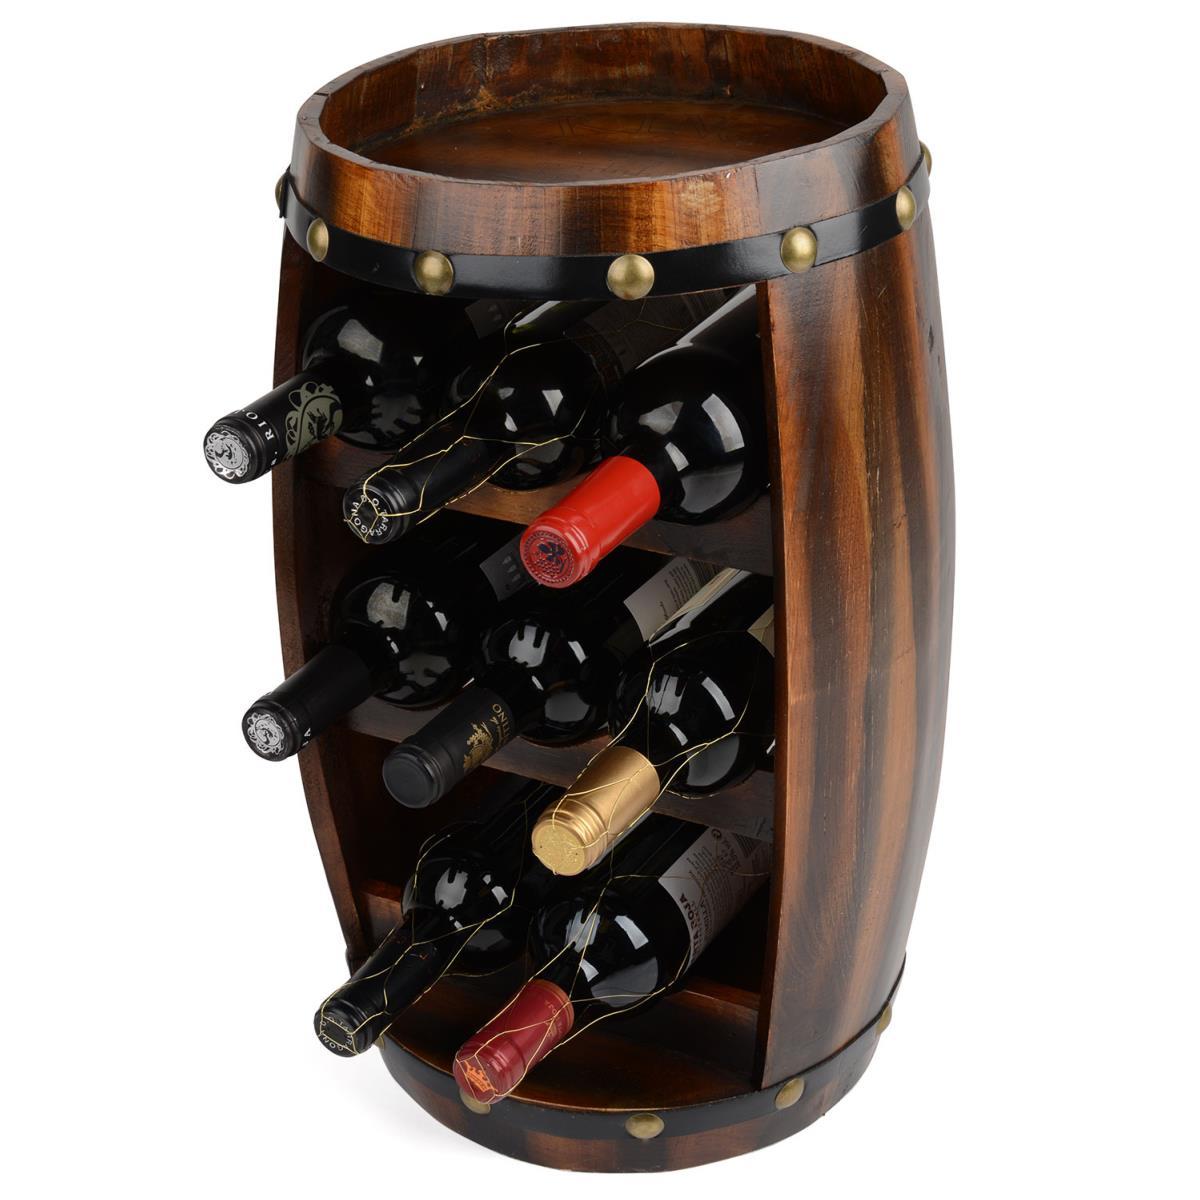 casier tonneau de luxe pour 8 bouteilles en bois massif. Black Bedroom Furniture Sets. Home Design Ideas